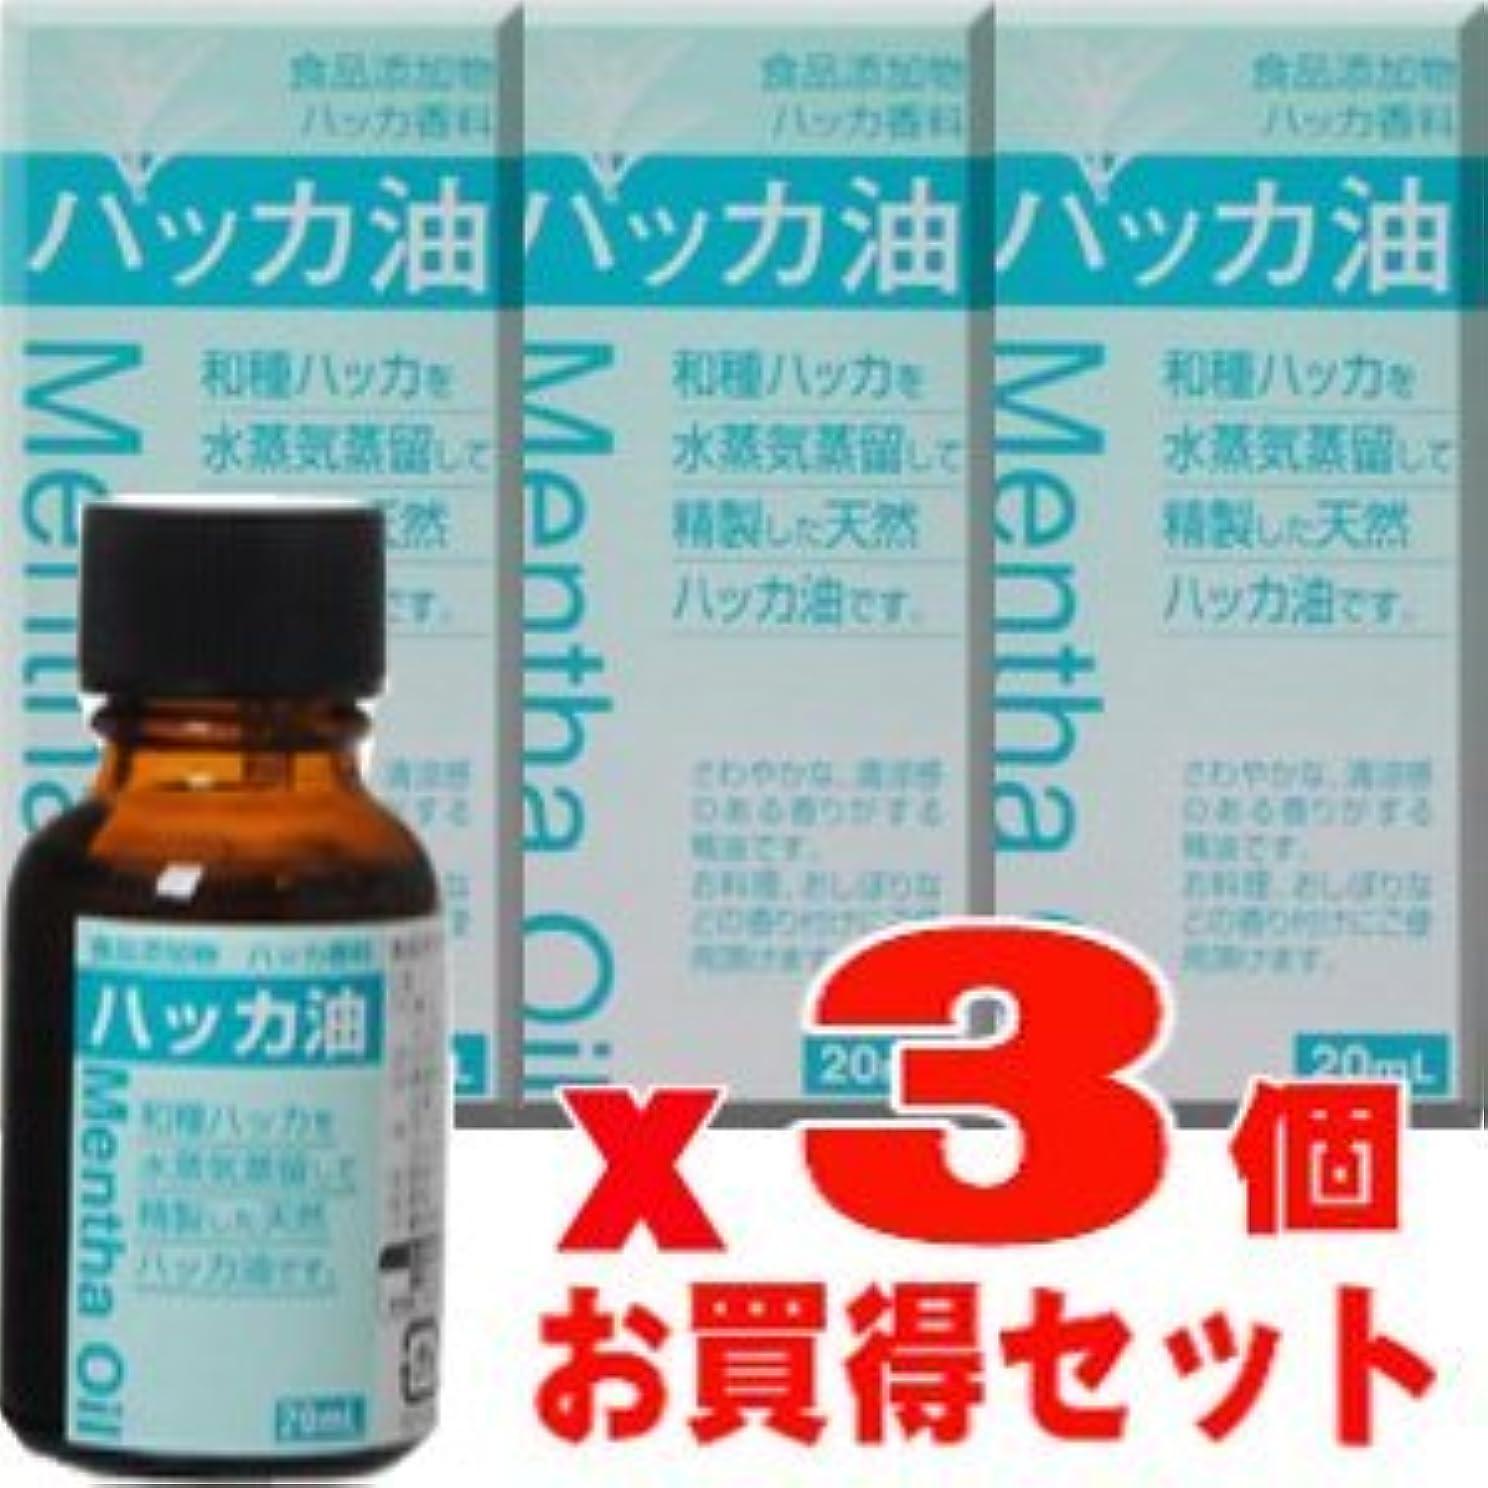 ヘビペチュランスリズム食品添加物 ハッカ油 20mLx3個